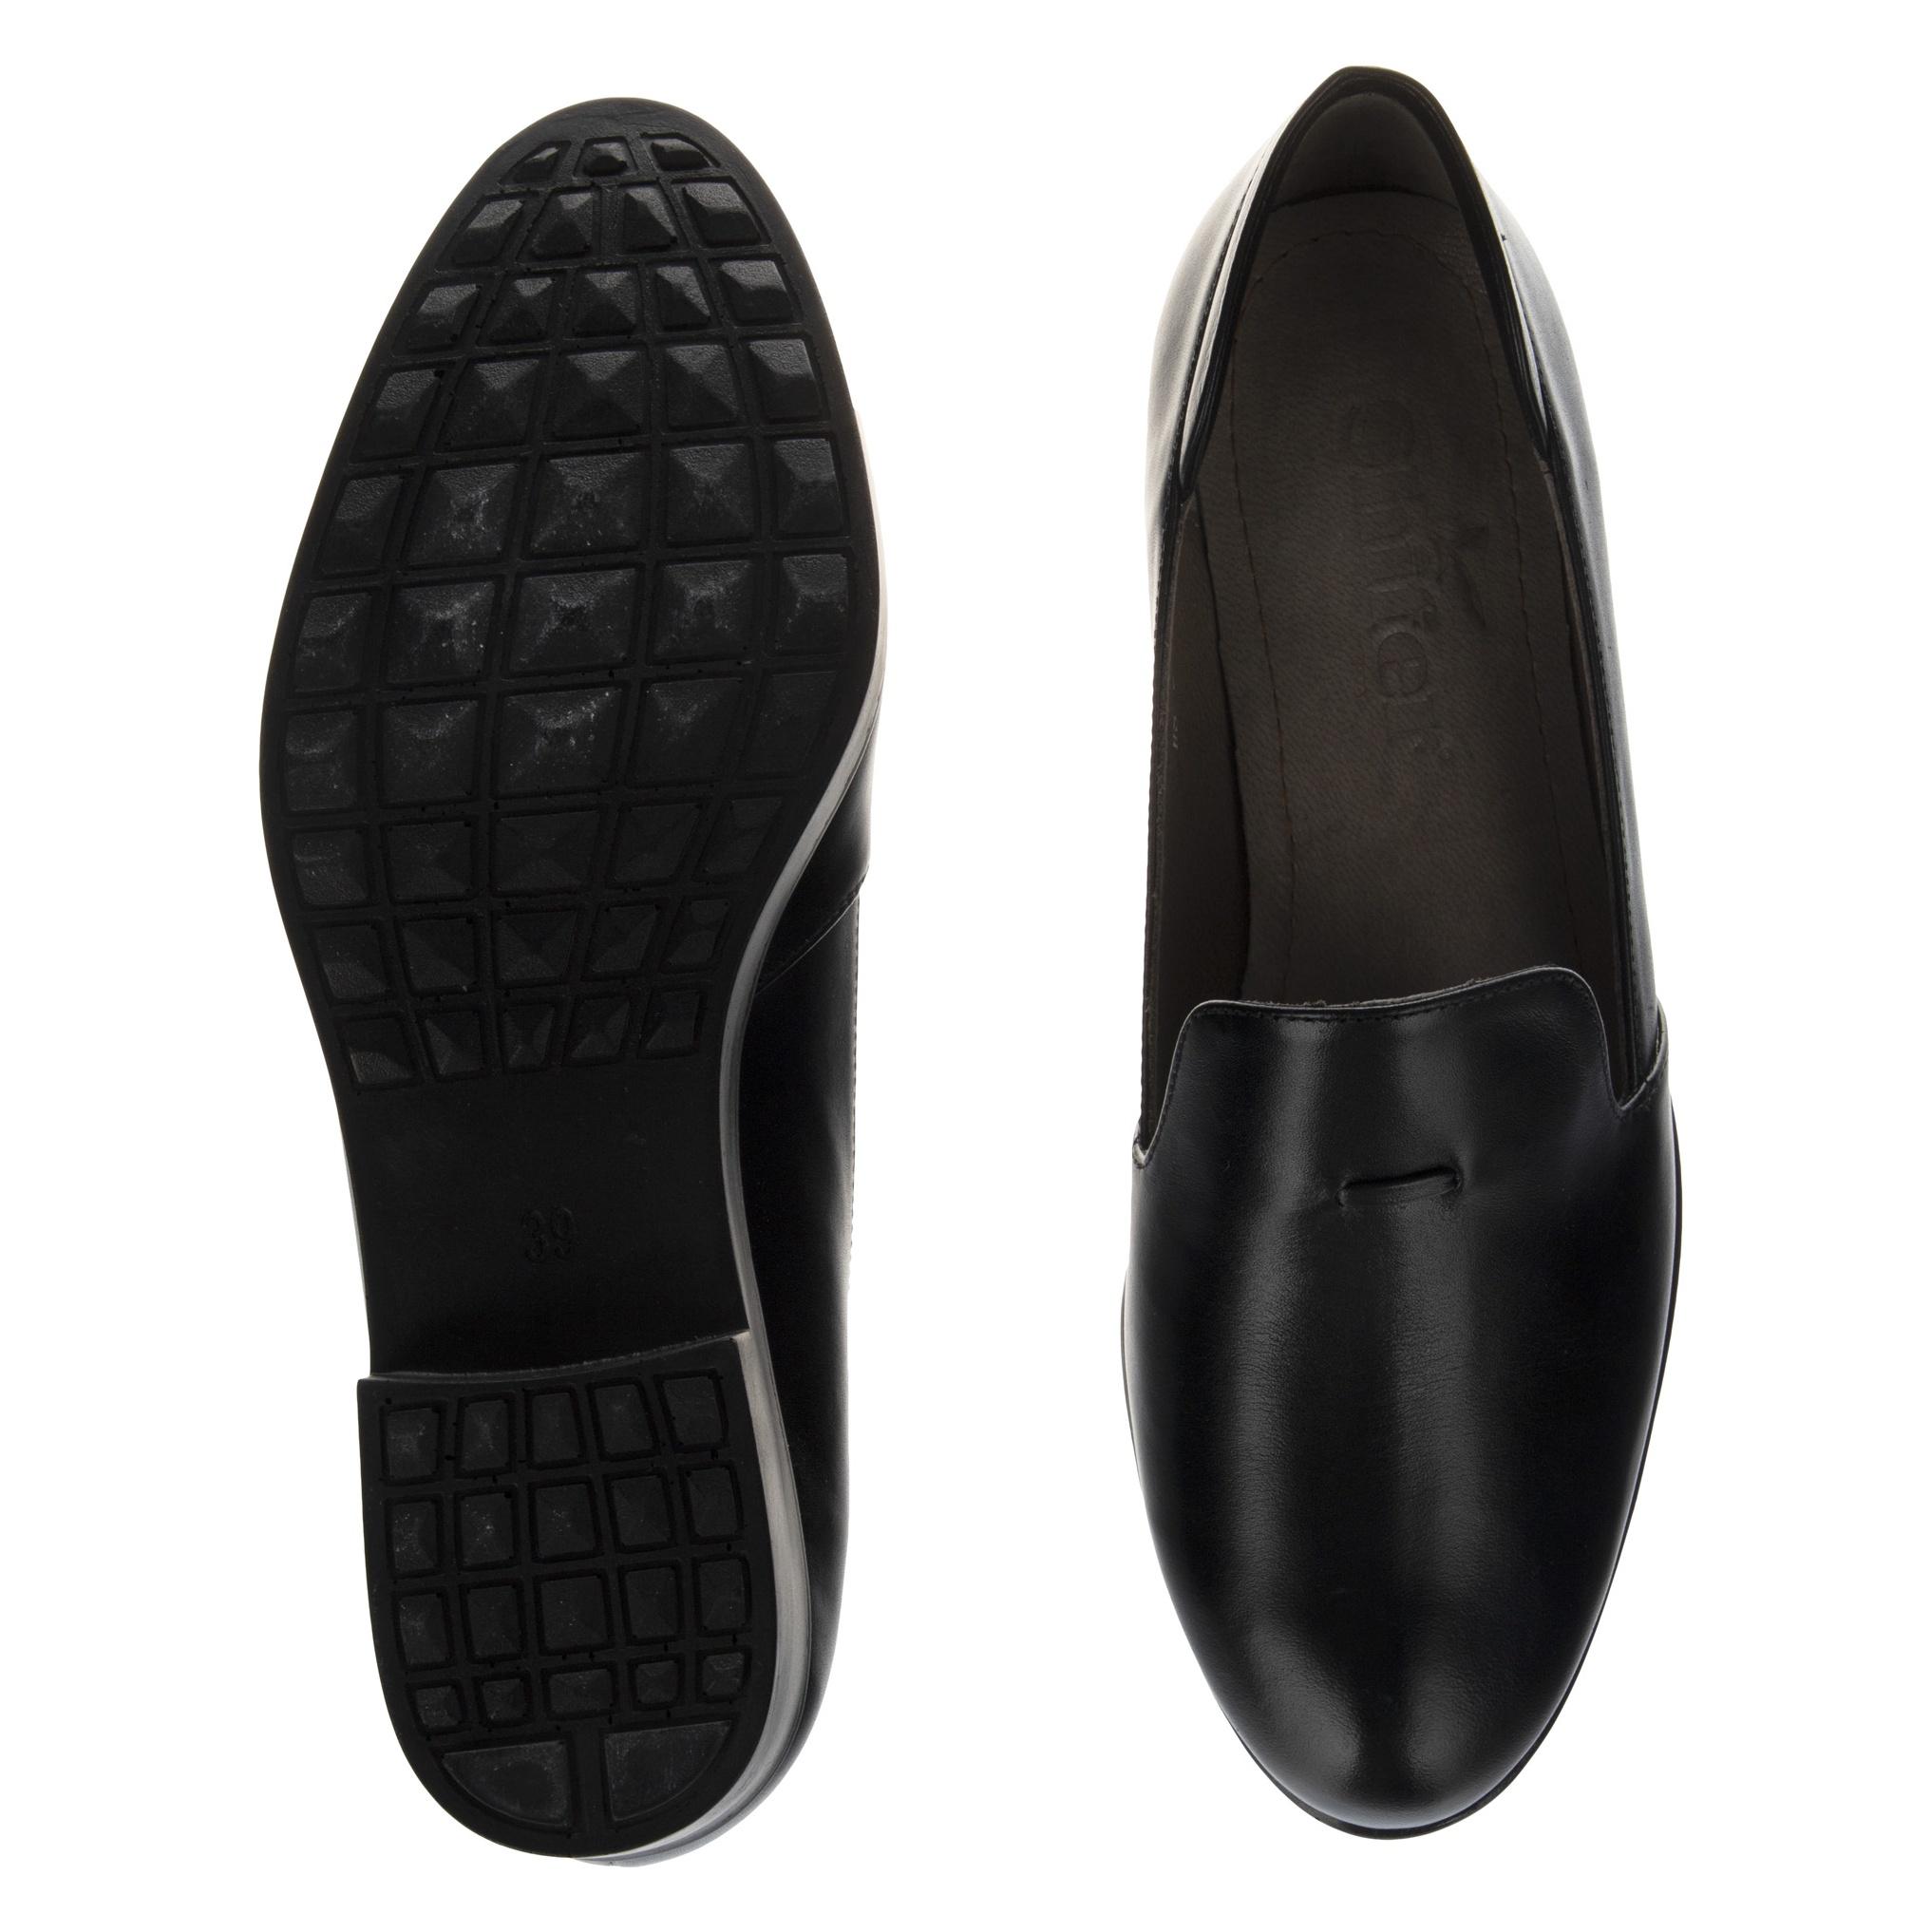 کفش روزمره نه شیفر مدل 5190A-101